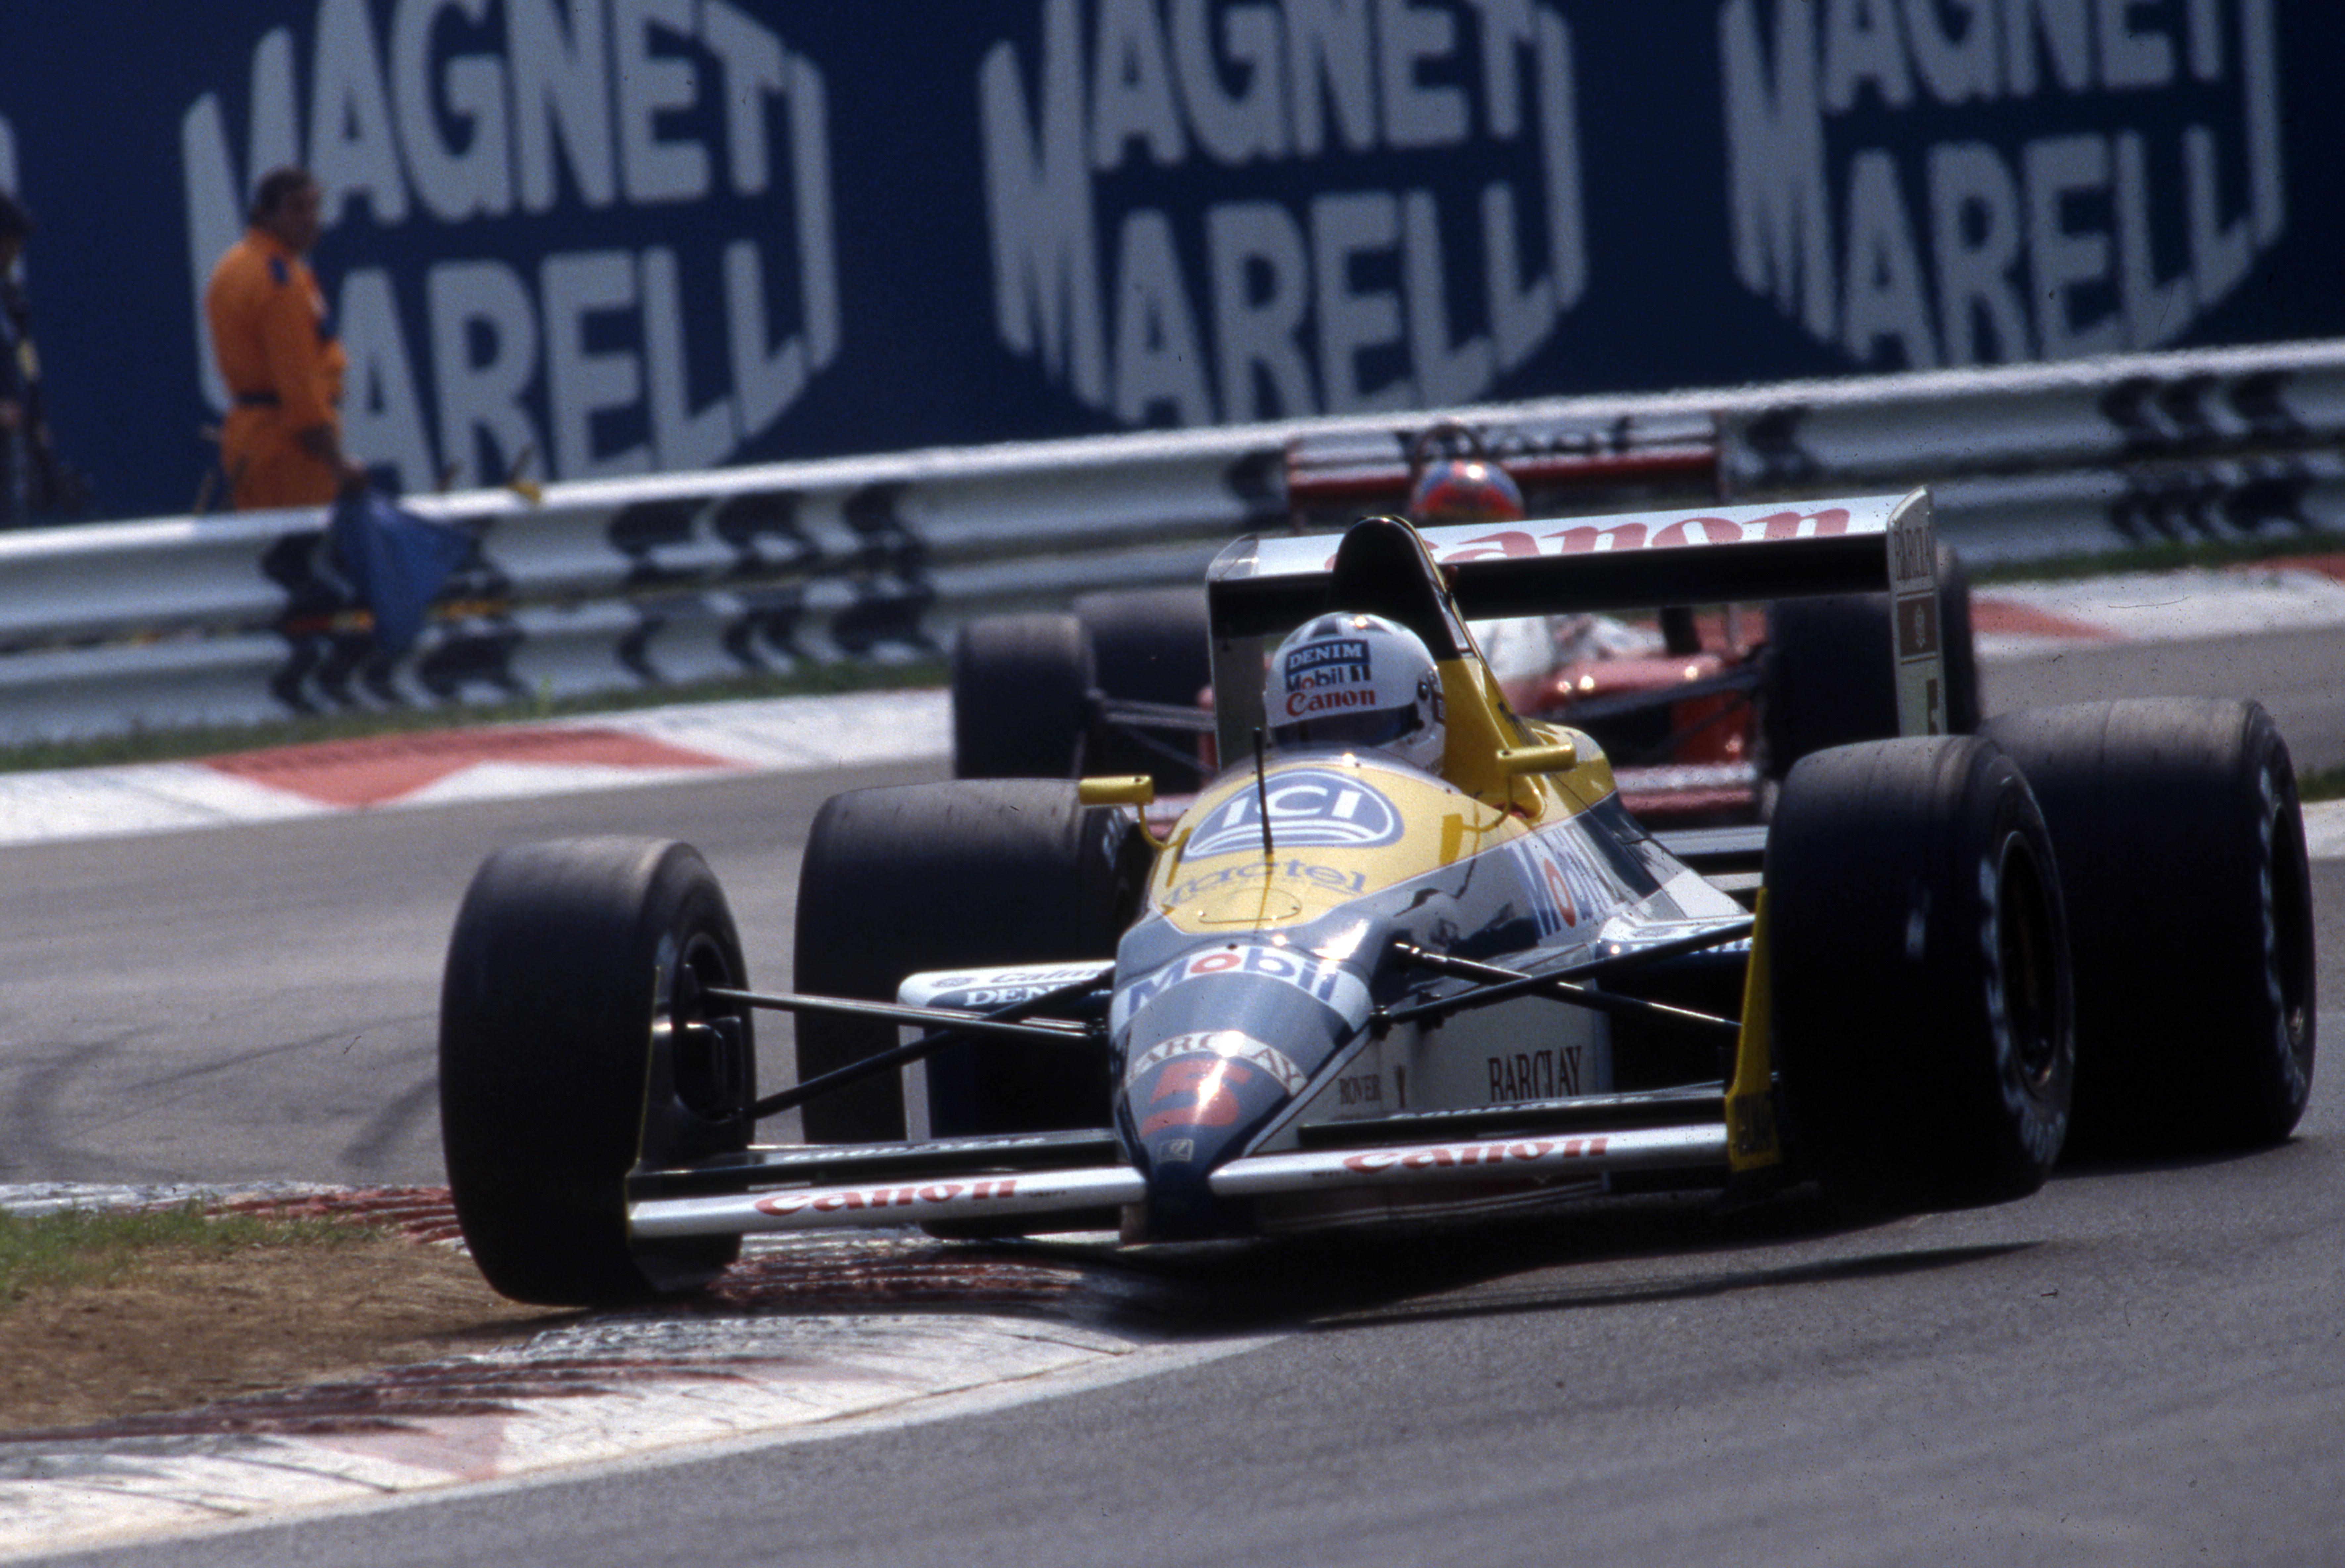 Jean-Louis Schlesser Williams 1988